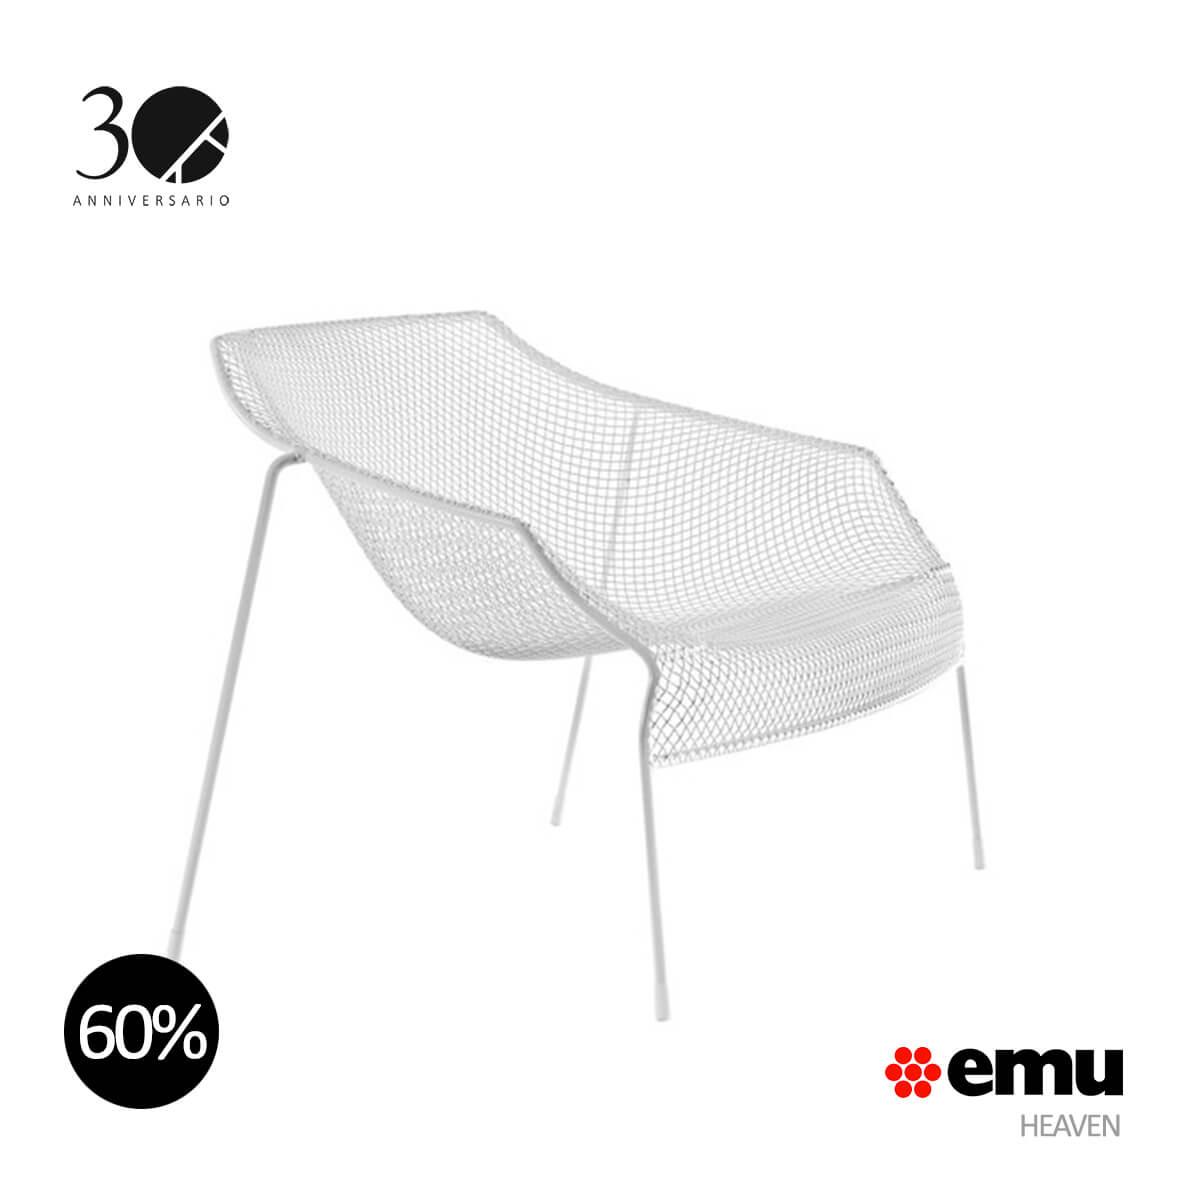 EMU-heaven-3